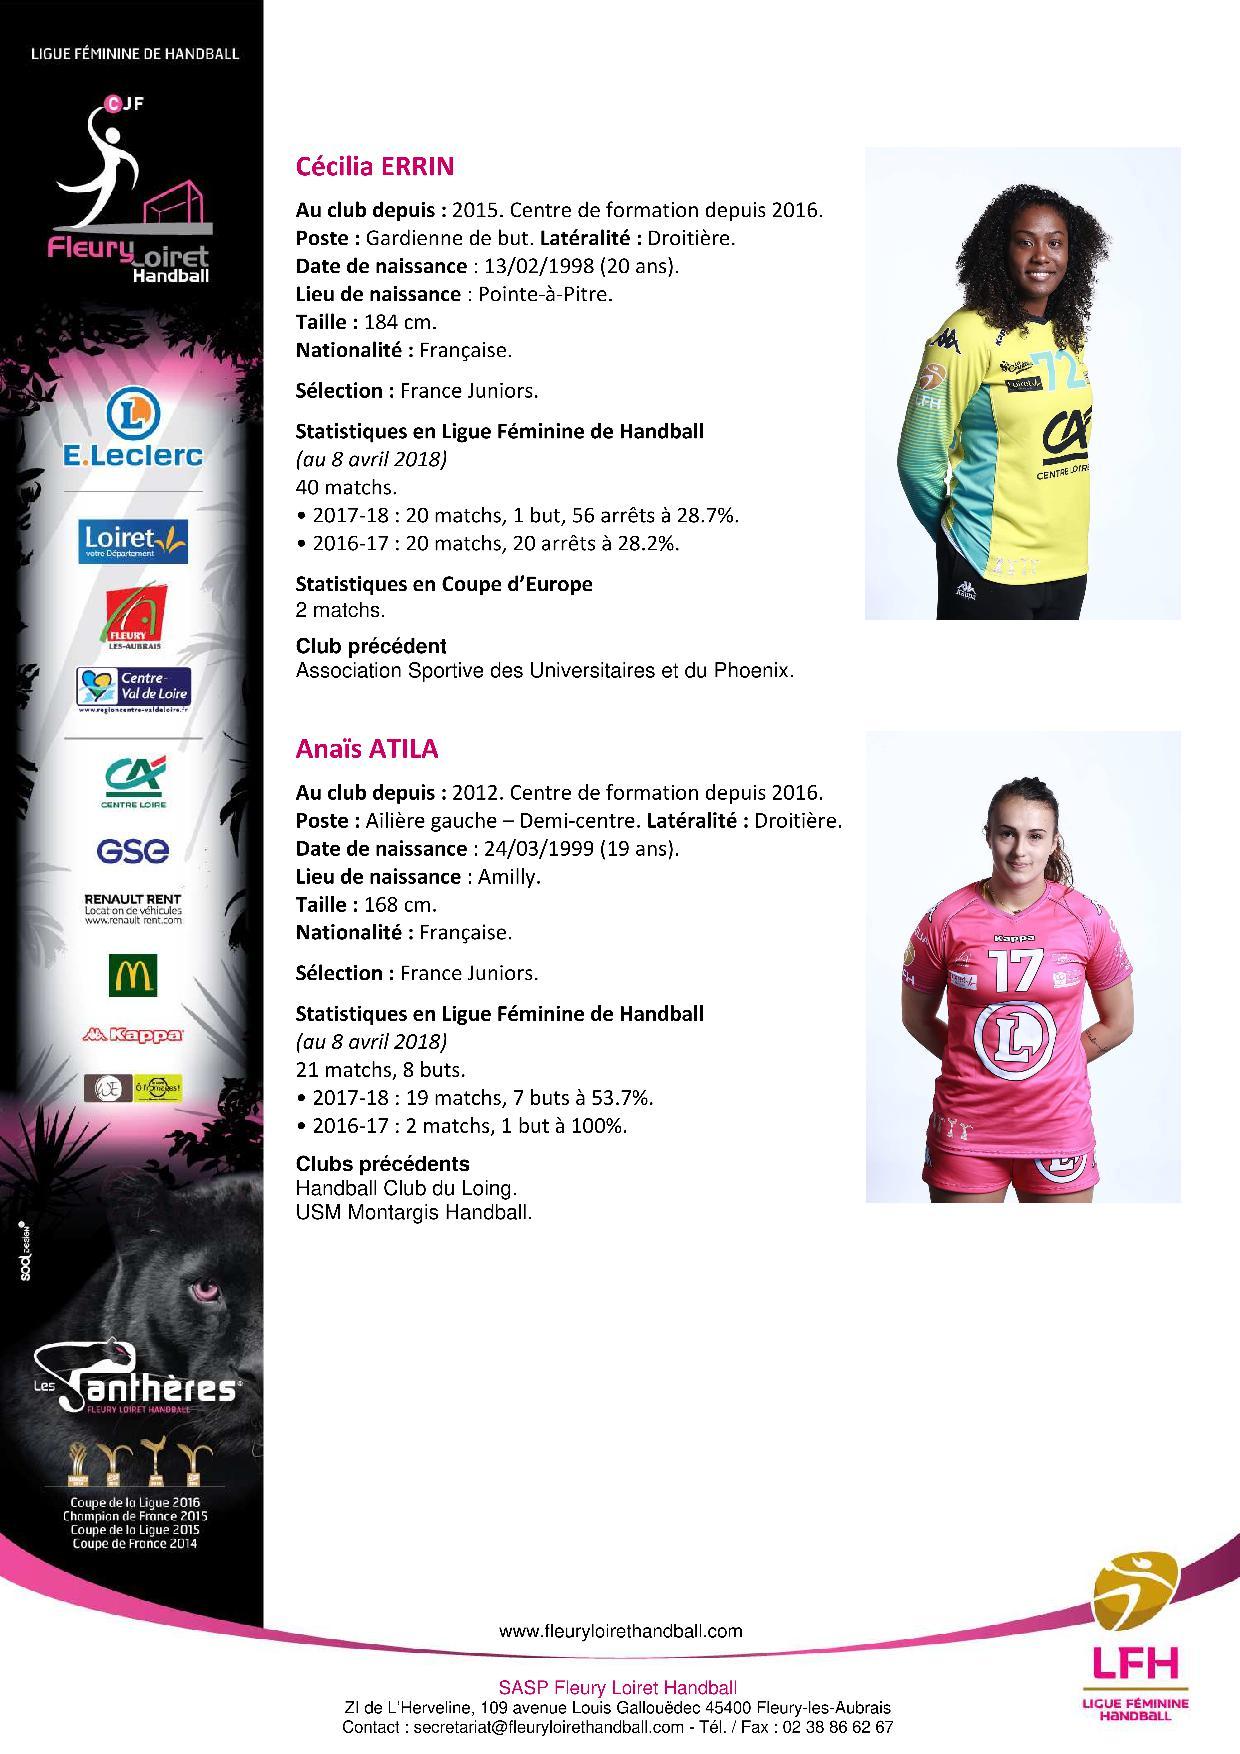 C_Users_Jose_AppData_Local_Temp_Communiqué Fleury Loiret Handball - Dimanche 8 avril 20182.jpg